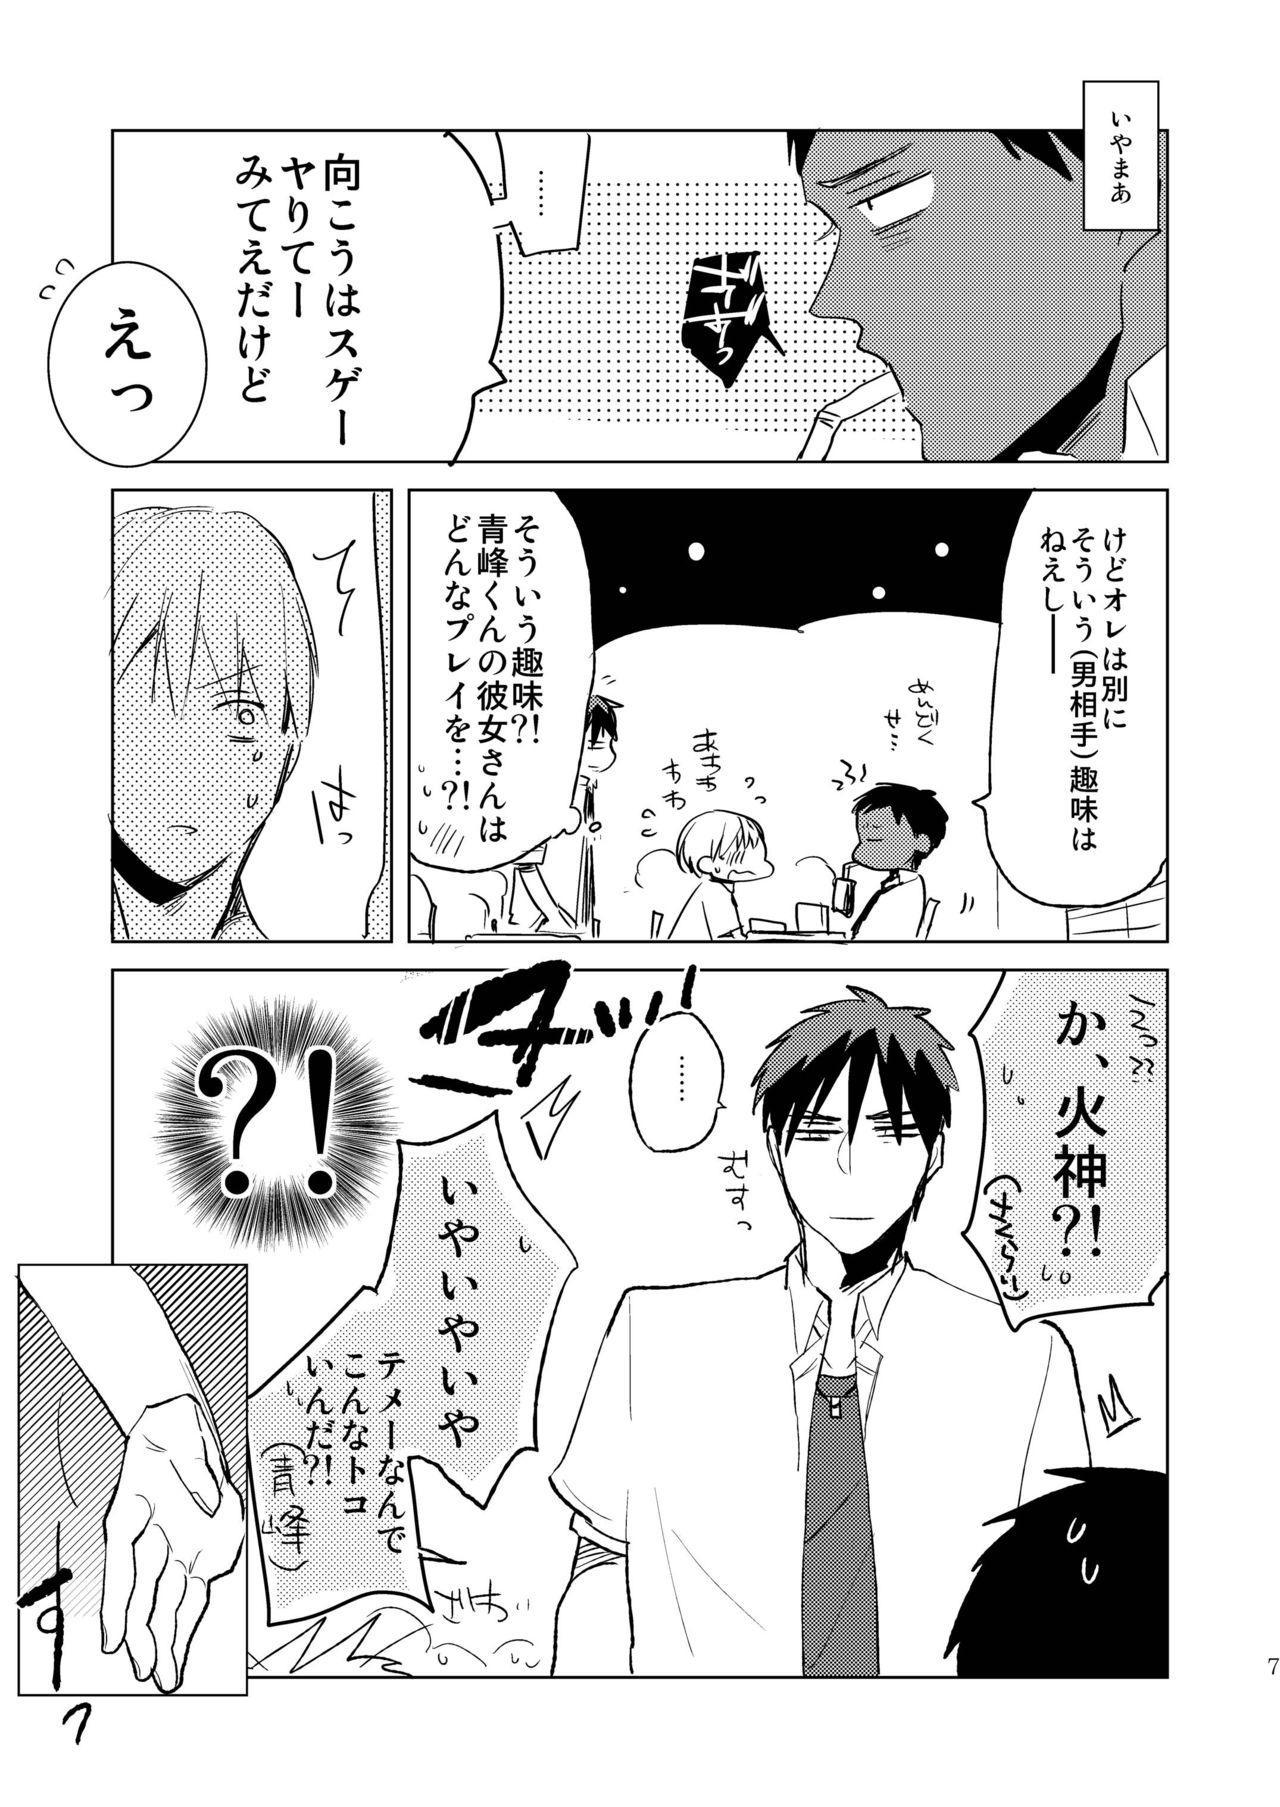 Kagami-kun no Ero hon 9 Ippatsuyara Sete Kure! 5